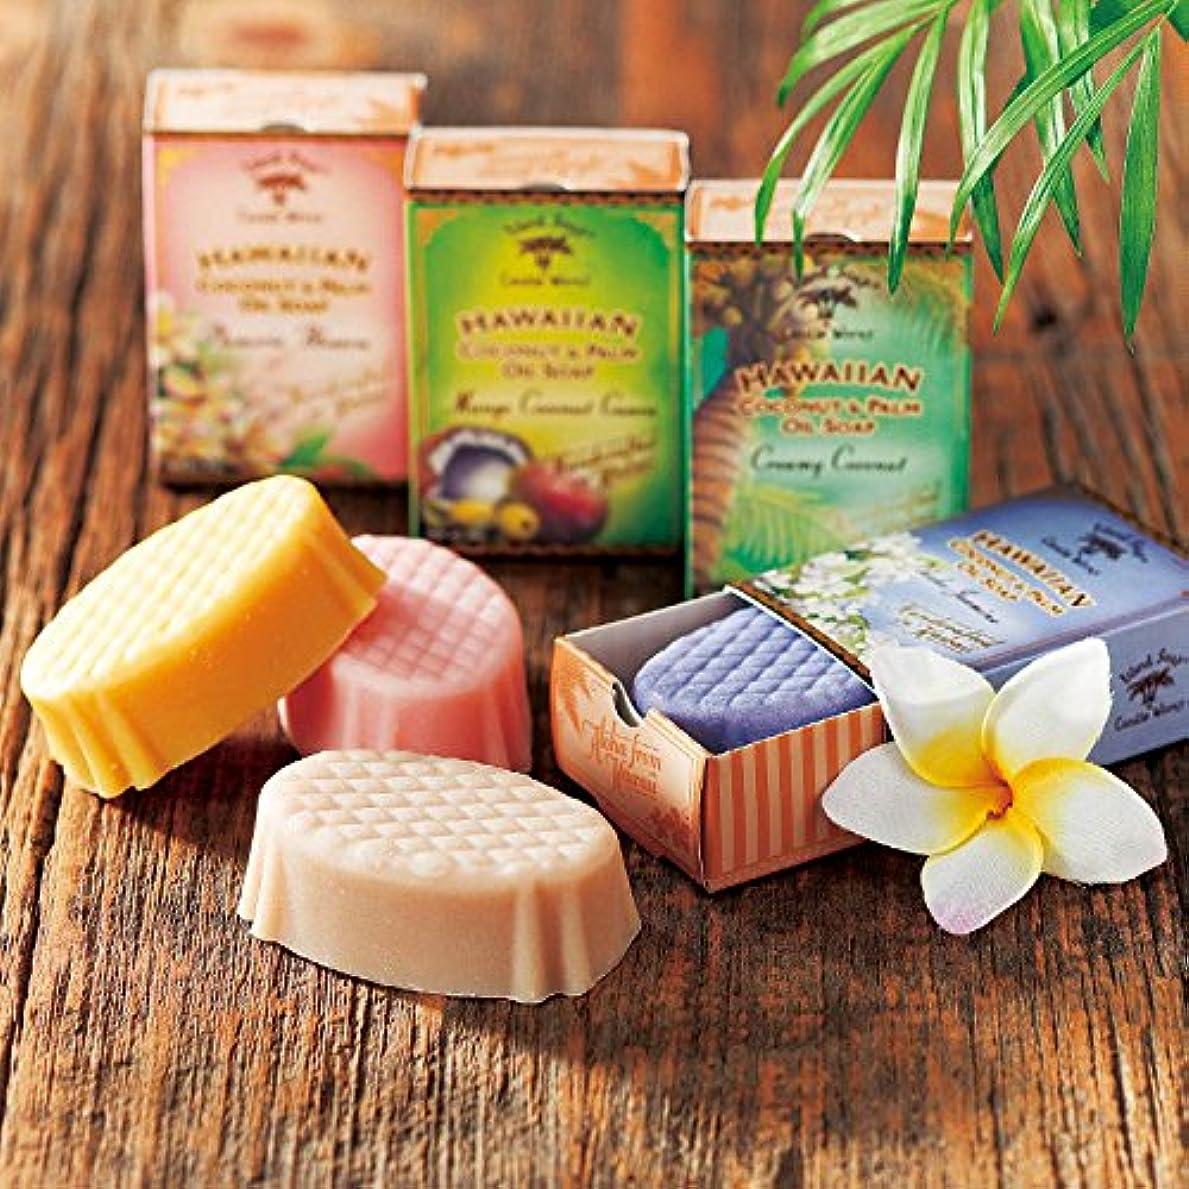 ワイヤー肺炎計算するハワイ 土産 アイランドソープ ココナッツソープ 4種セット (海外旅行 ハワイ お土産)